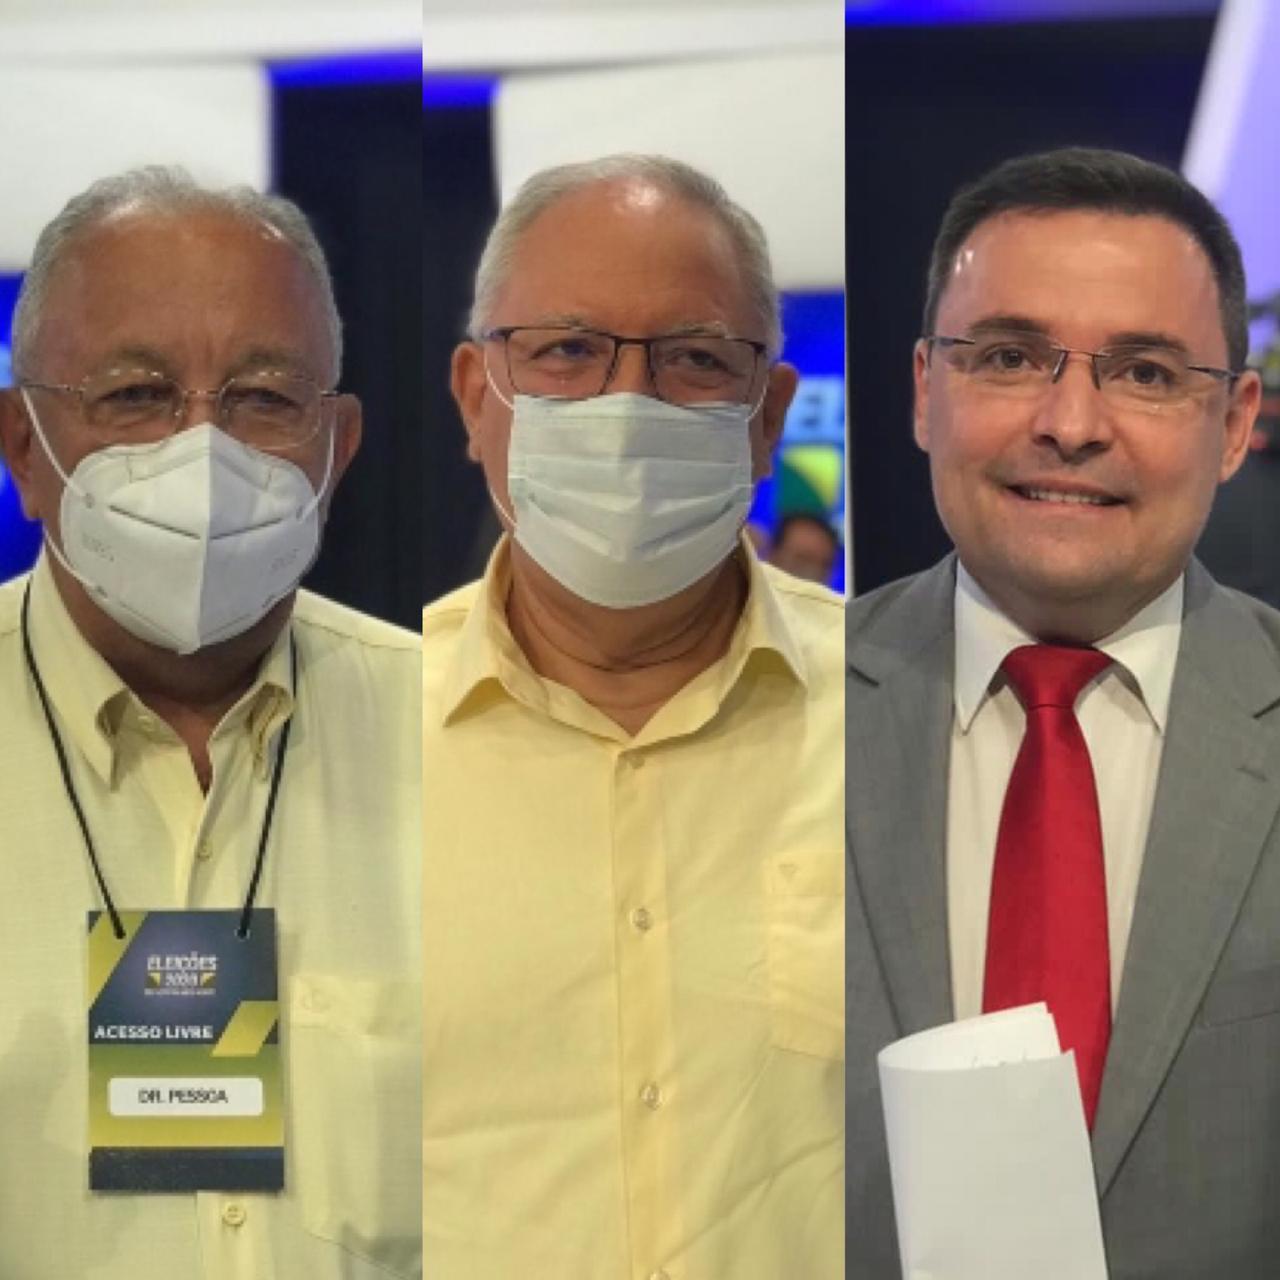 Pesquisa Ibope divulga números para prefeito de Teresina - Imagem 1